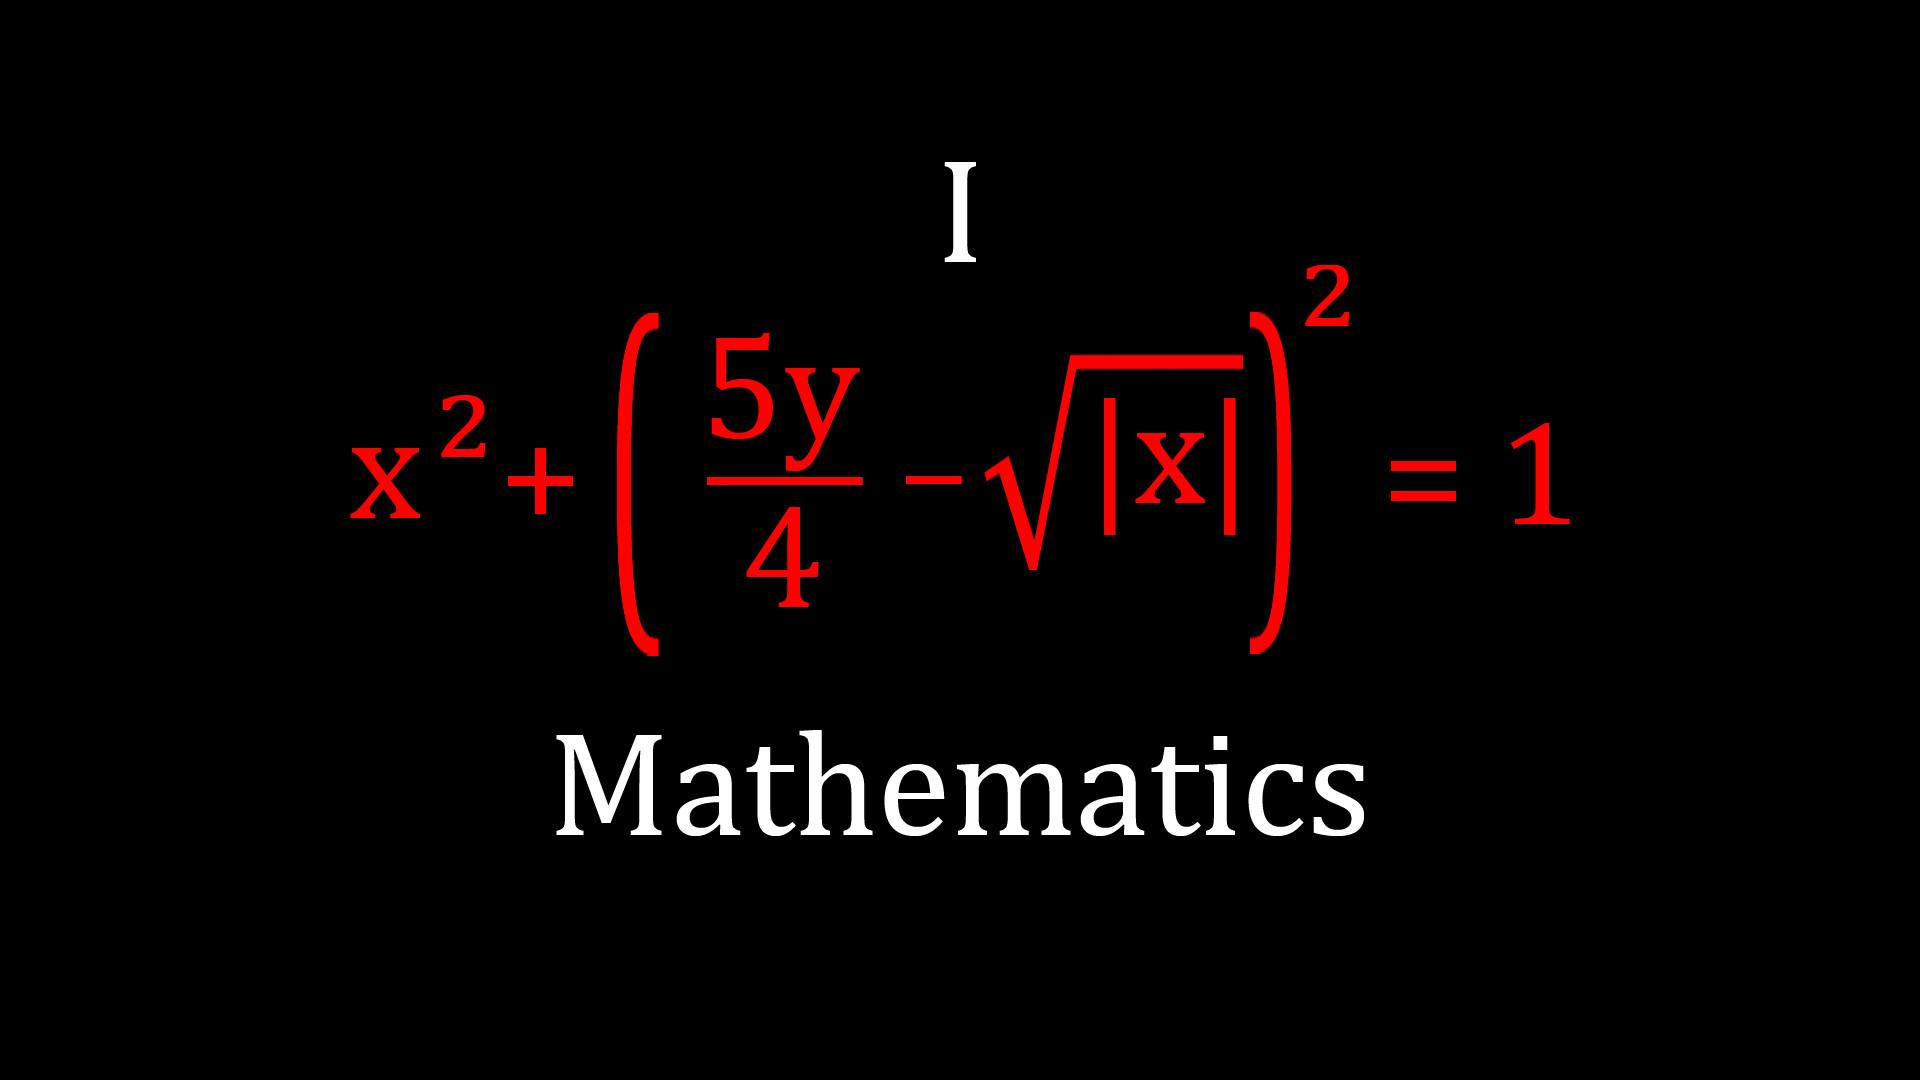 Physics Mathematics Equation Equations Formula Wallpaper   HD Walls .